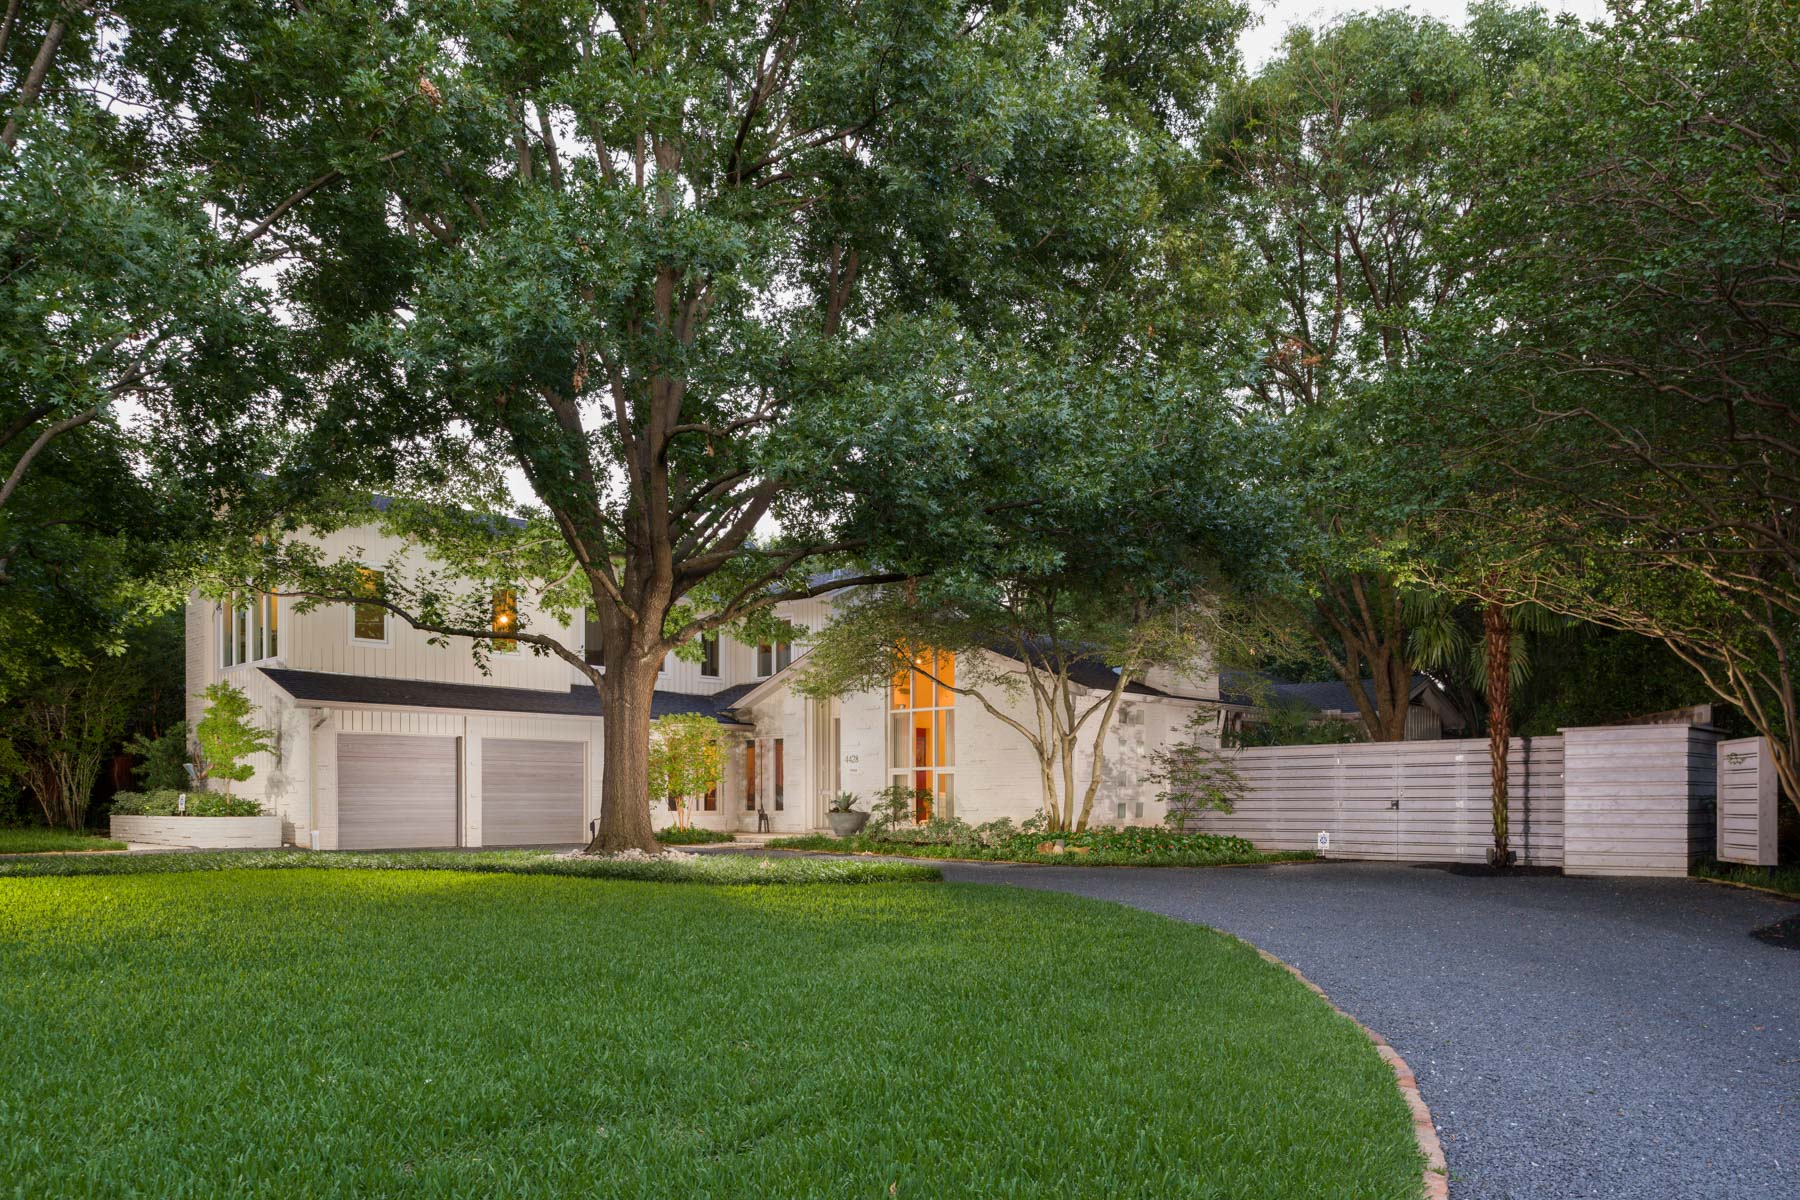 Maison unifamiliale pour l Vente à Tranquil Bluffview Oasis 4428 Wildwood Rd Dallas, Texas, 75209 États-Unis